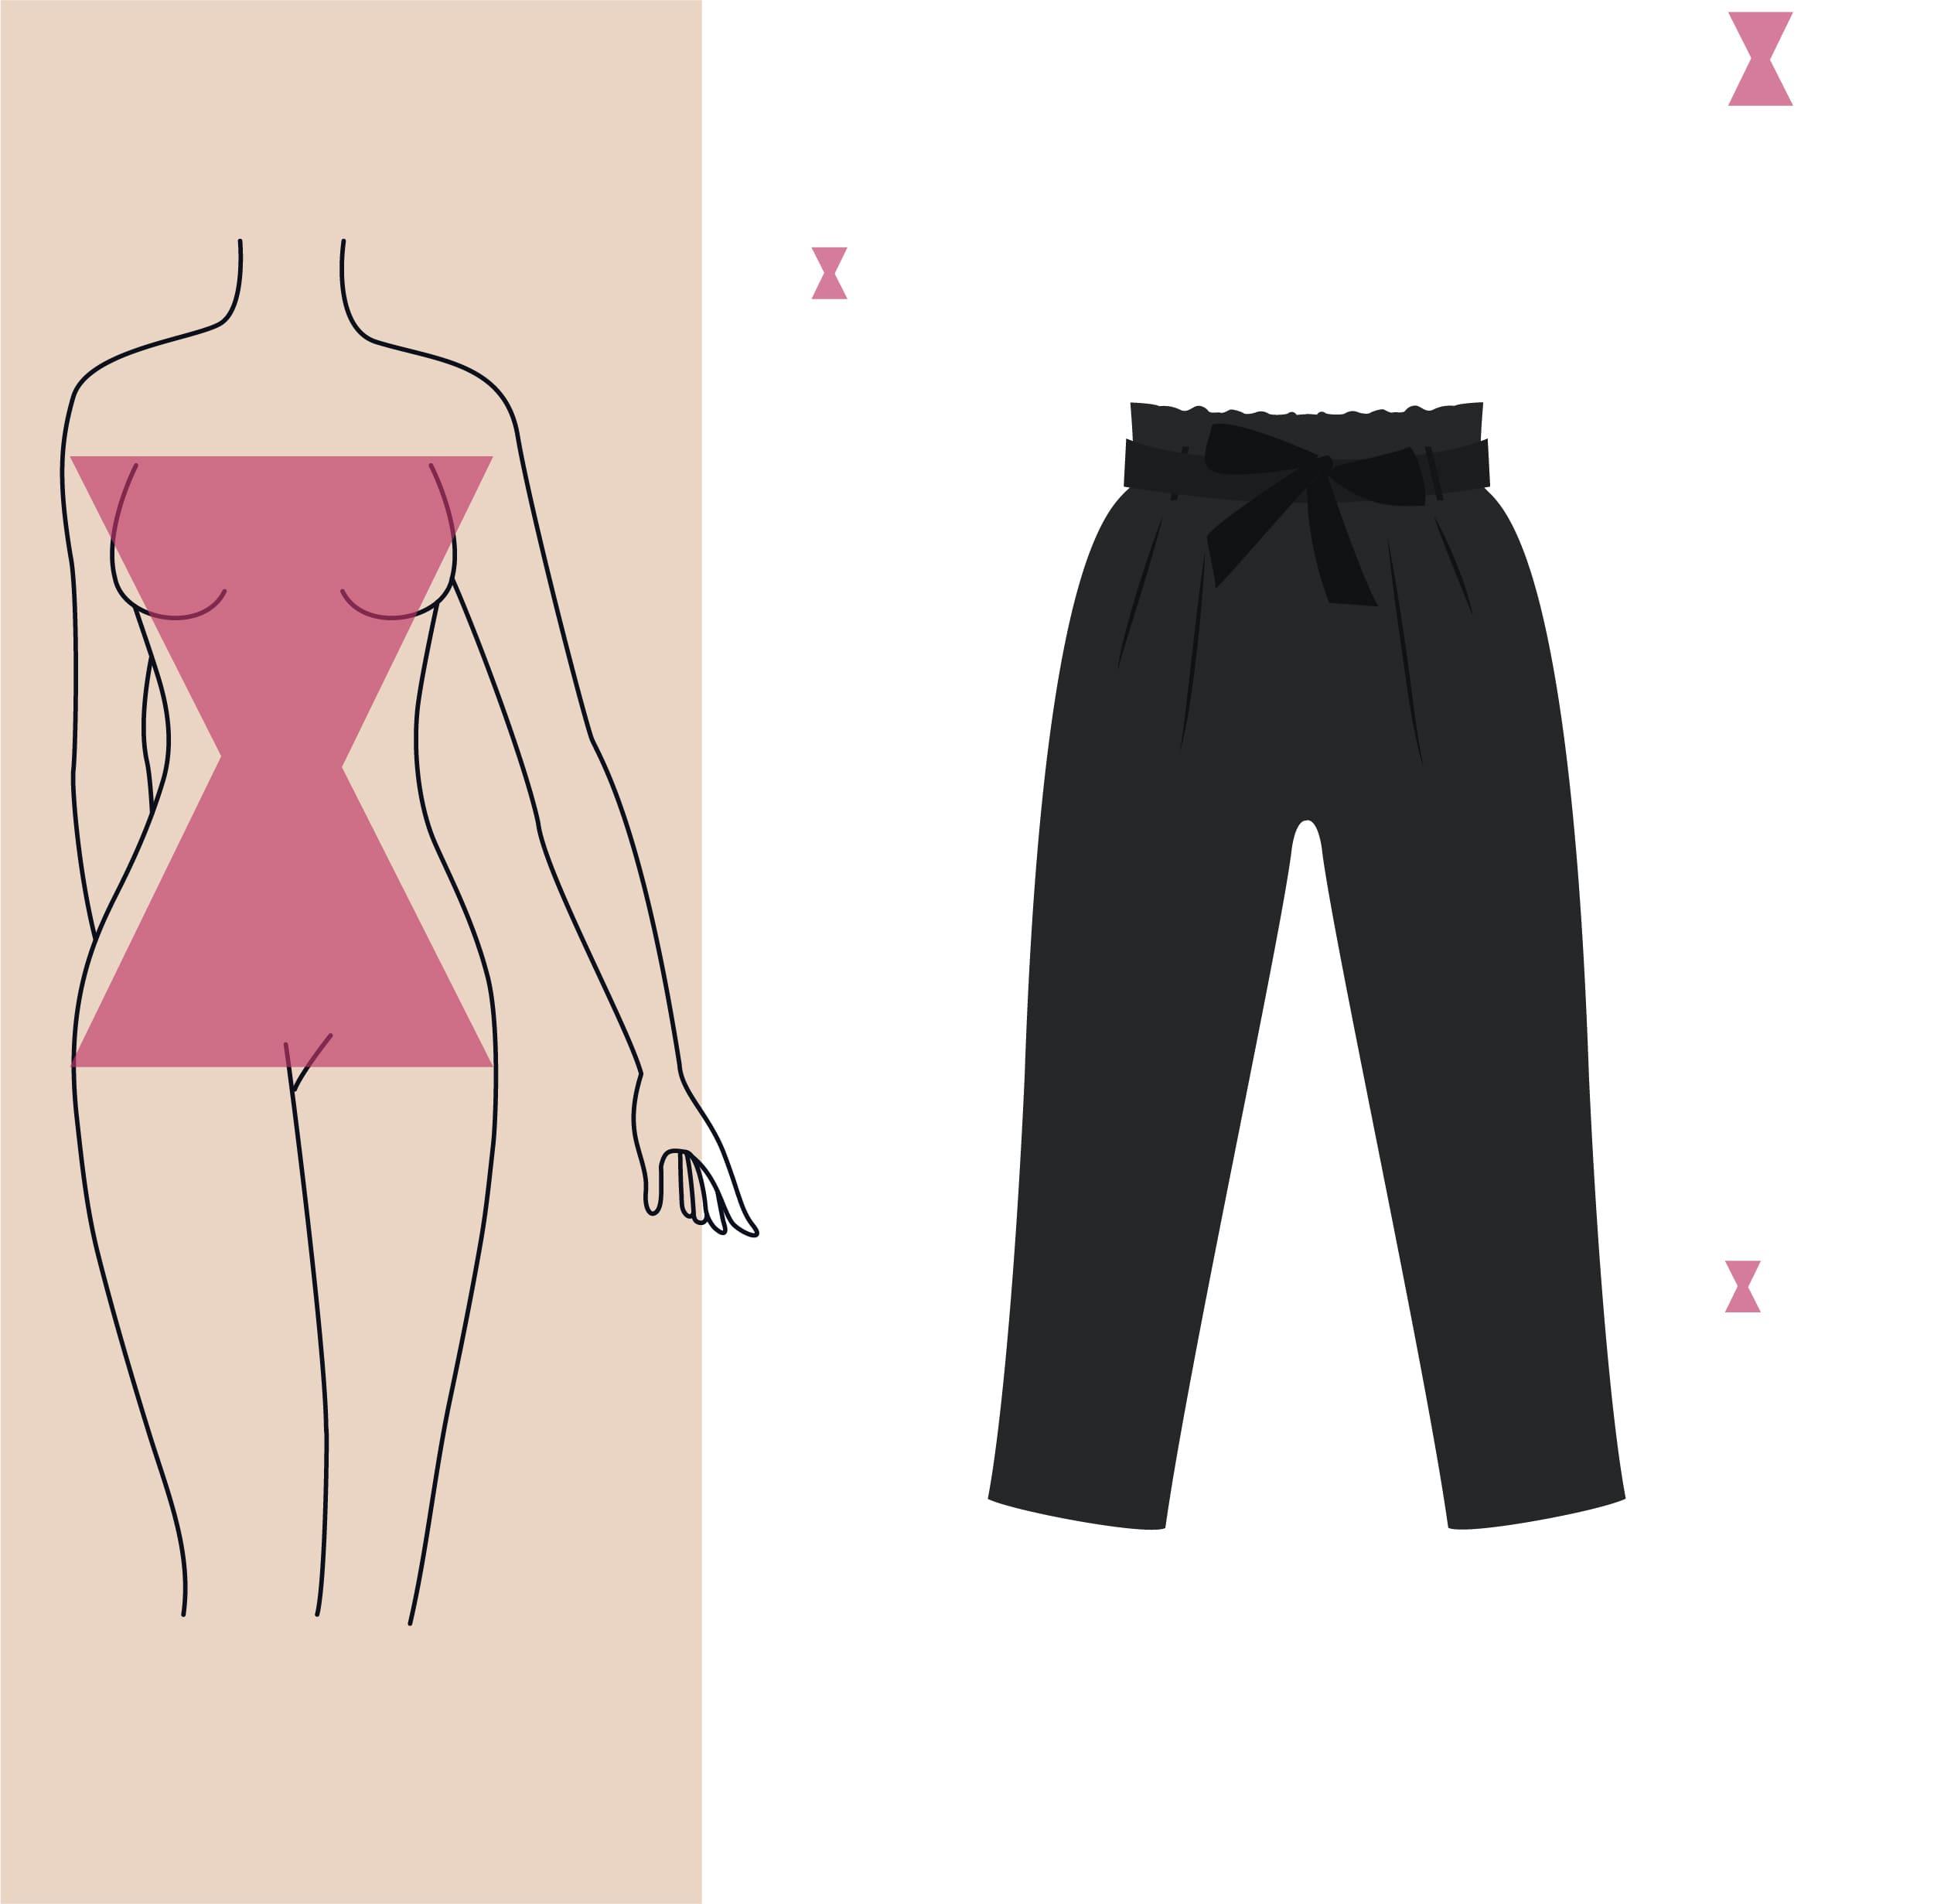 pantalon skinny para cuerpo reloj de arena